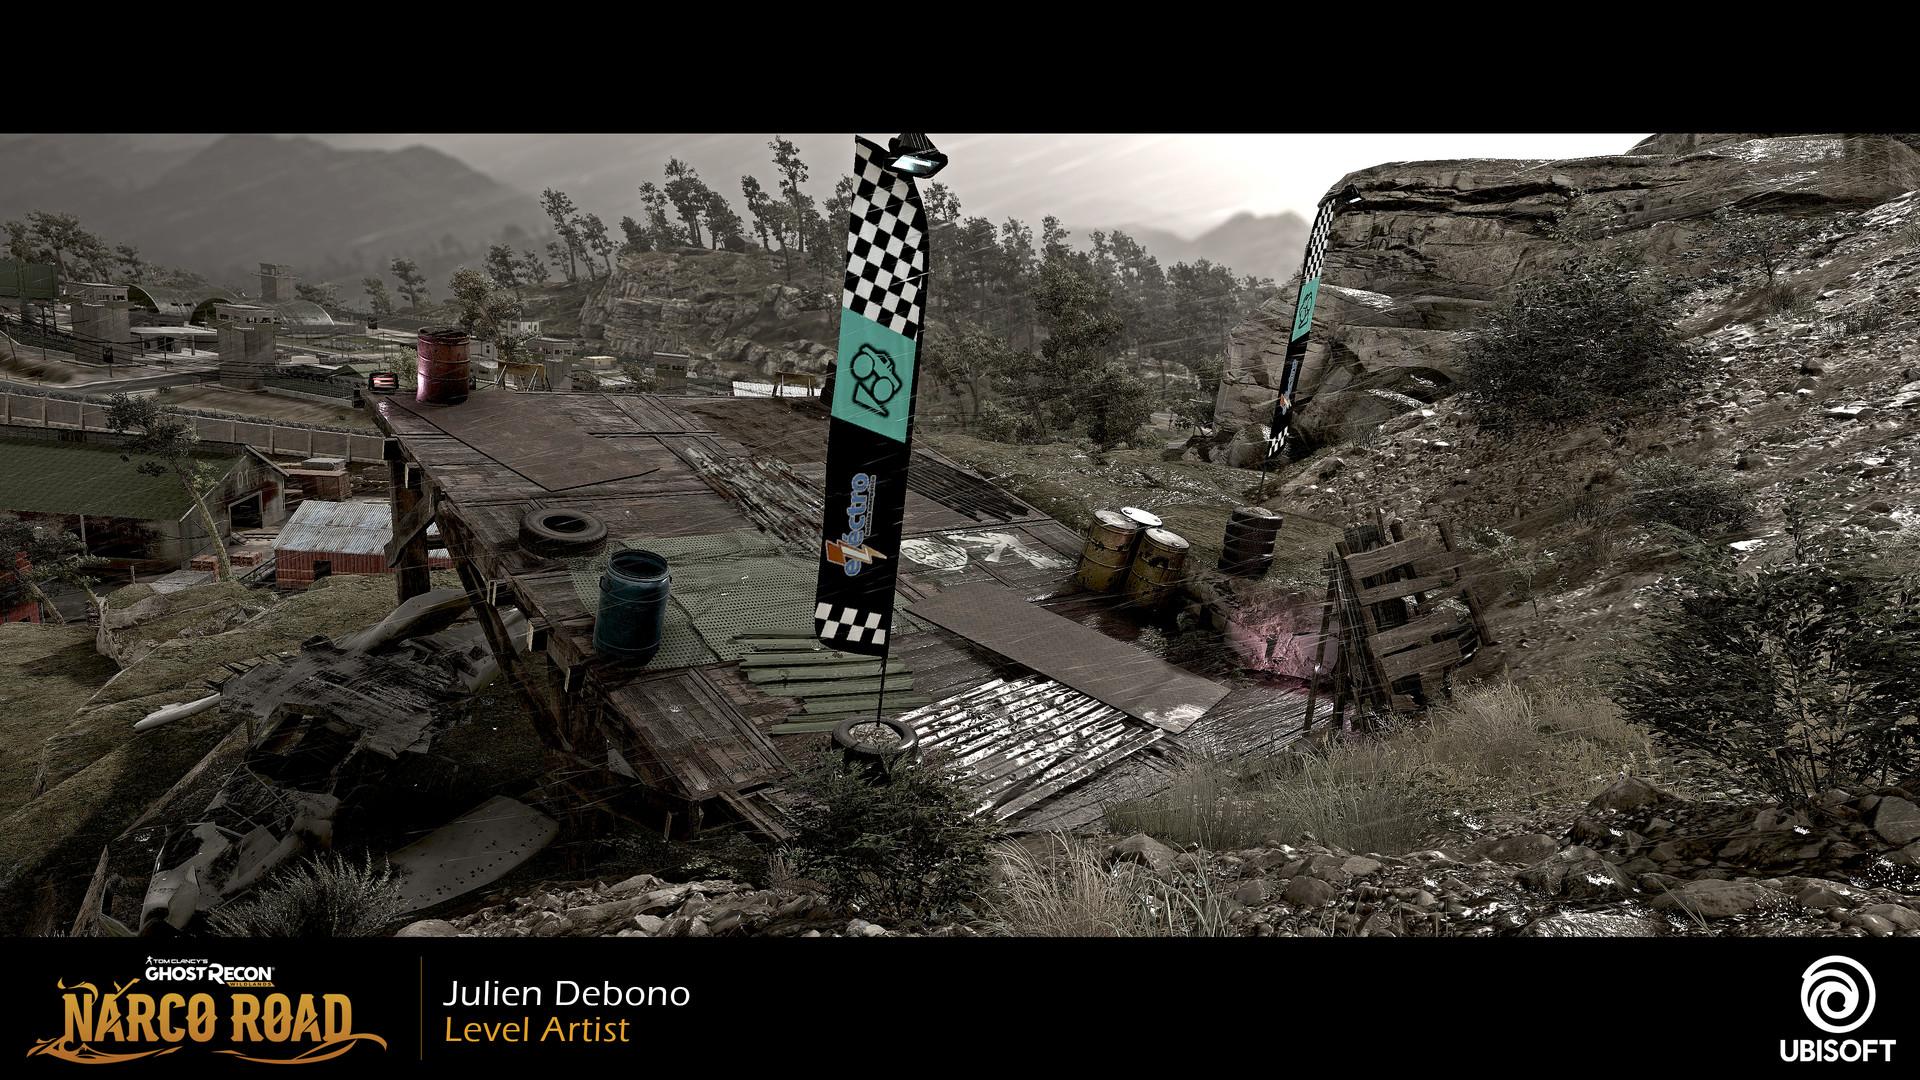 Julien debono jump06 day